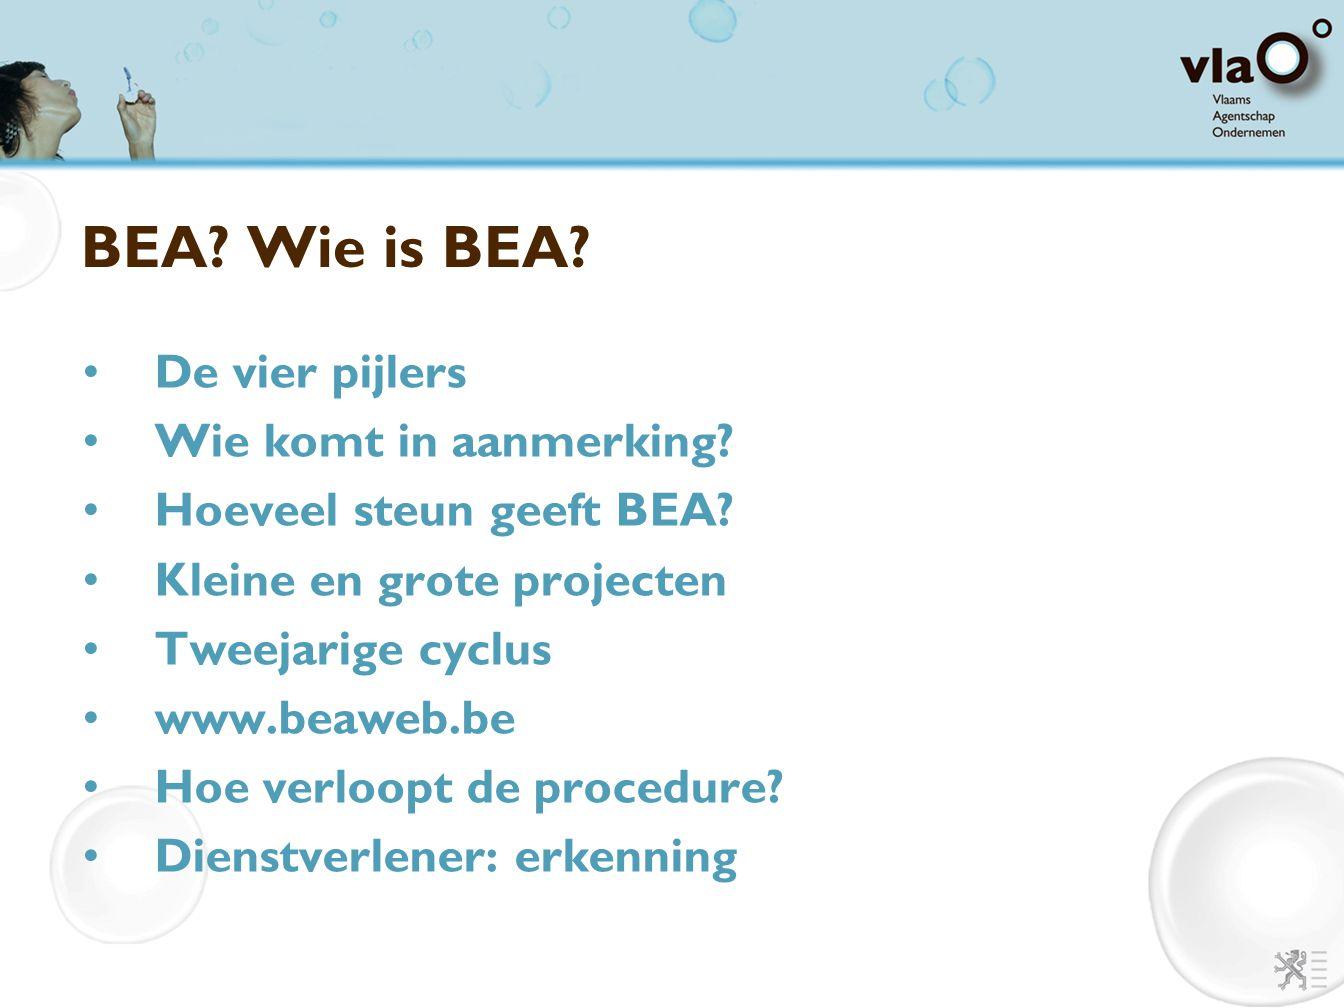 BEA? Wie is BEA? De vier pijlers Wie komt in aanmerking? Hoeveel steun geeft BEA? Kleine en grote projecten Tweejarige cyclus www.beaweb.be Hoe verloo